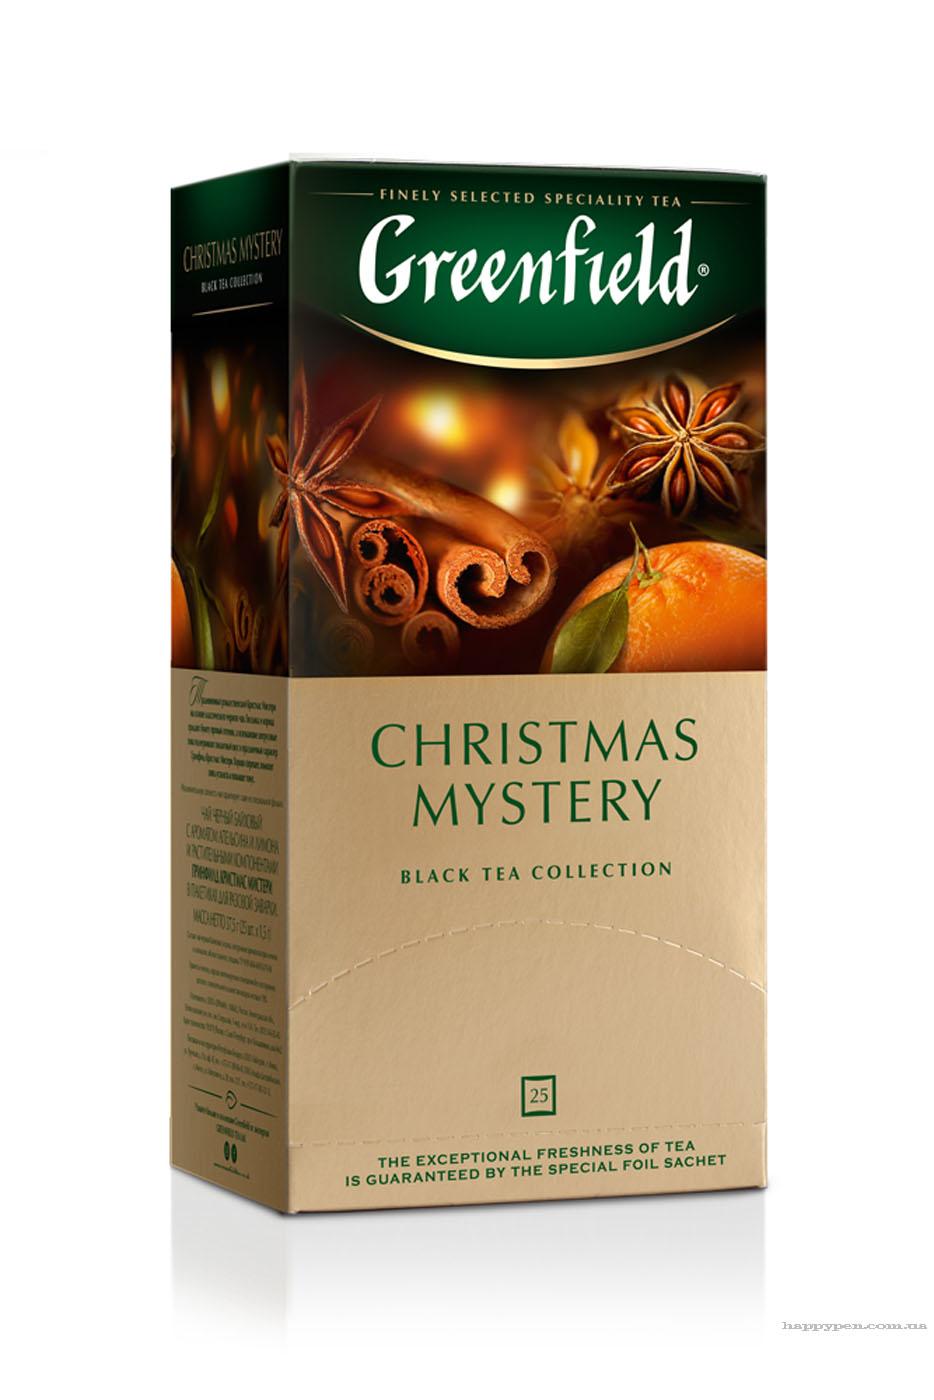 Чай черный ароматизированный Christmas Mystery 25пак. по 1,5гр., термосаше Greenfield - фото 1